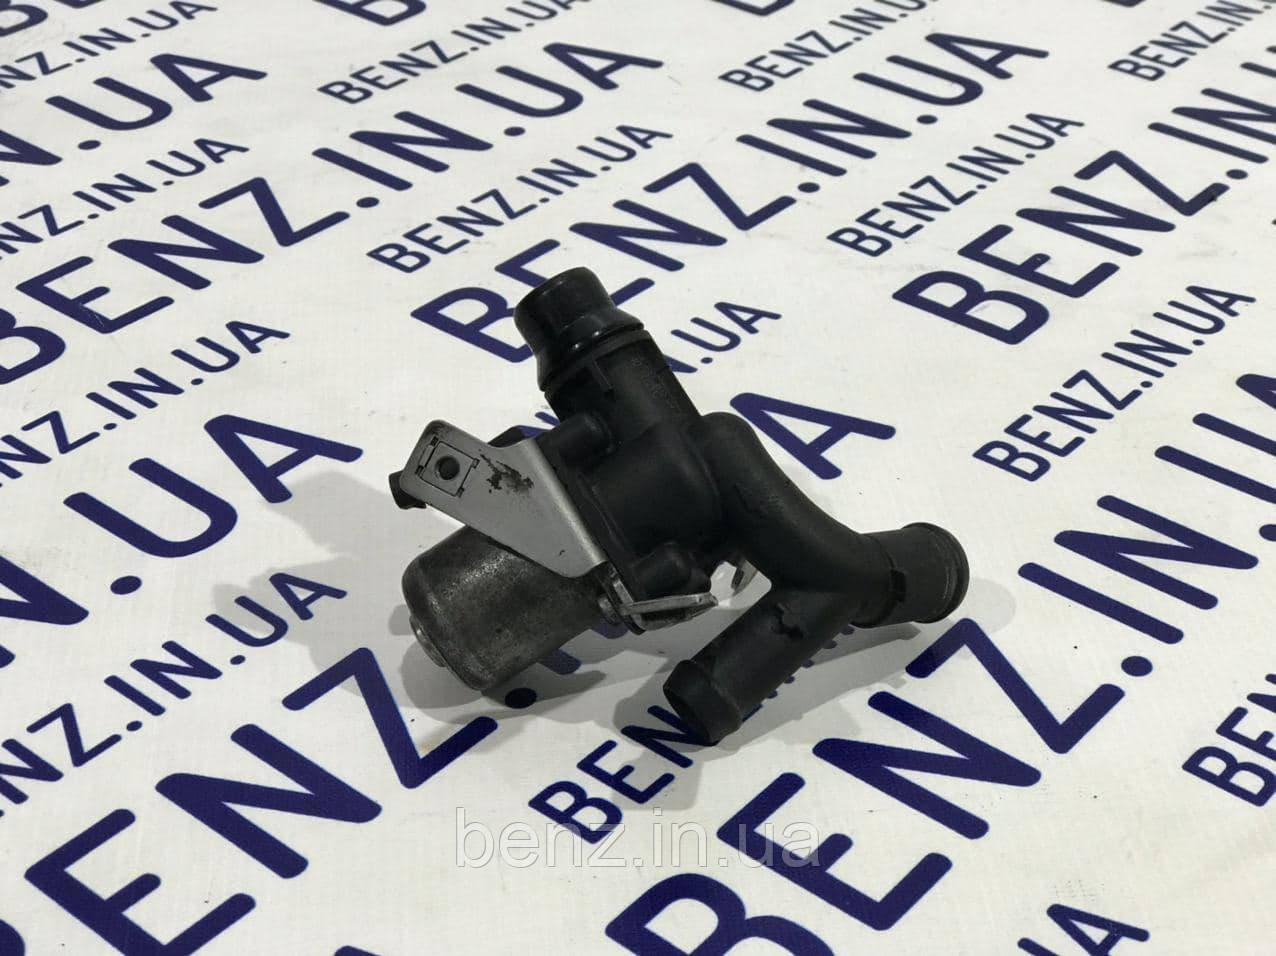 Запорный клапан W212/W207/W221/C218/W204 A6512000431 / A6512000231